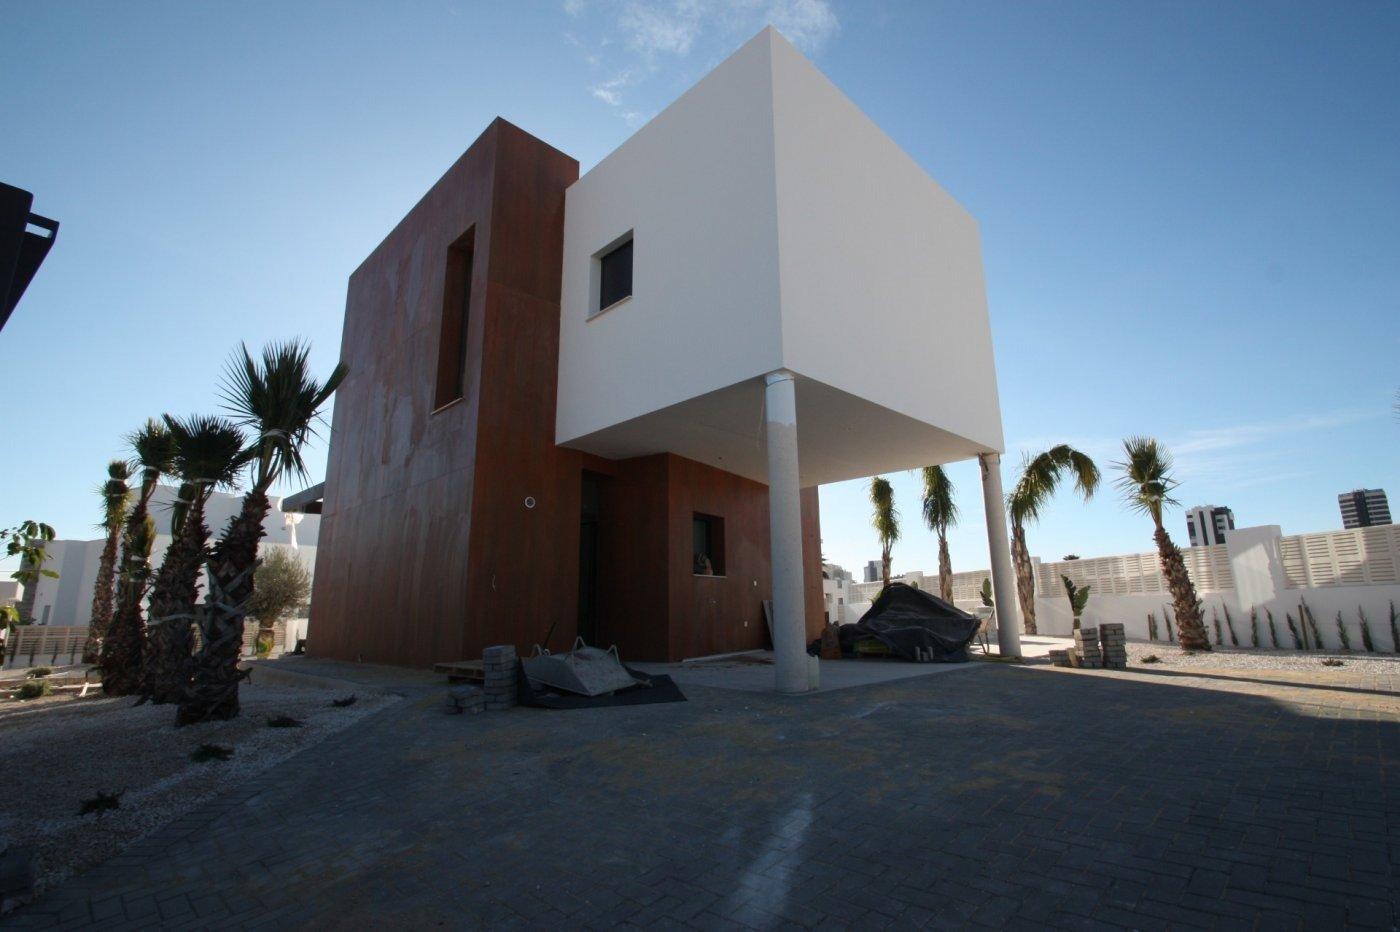 Villa de obra nueva de estilo moderno en venta en calpe a 600 m de la playa - imagenInmueble11